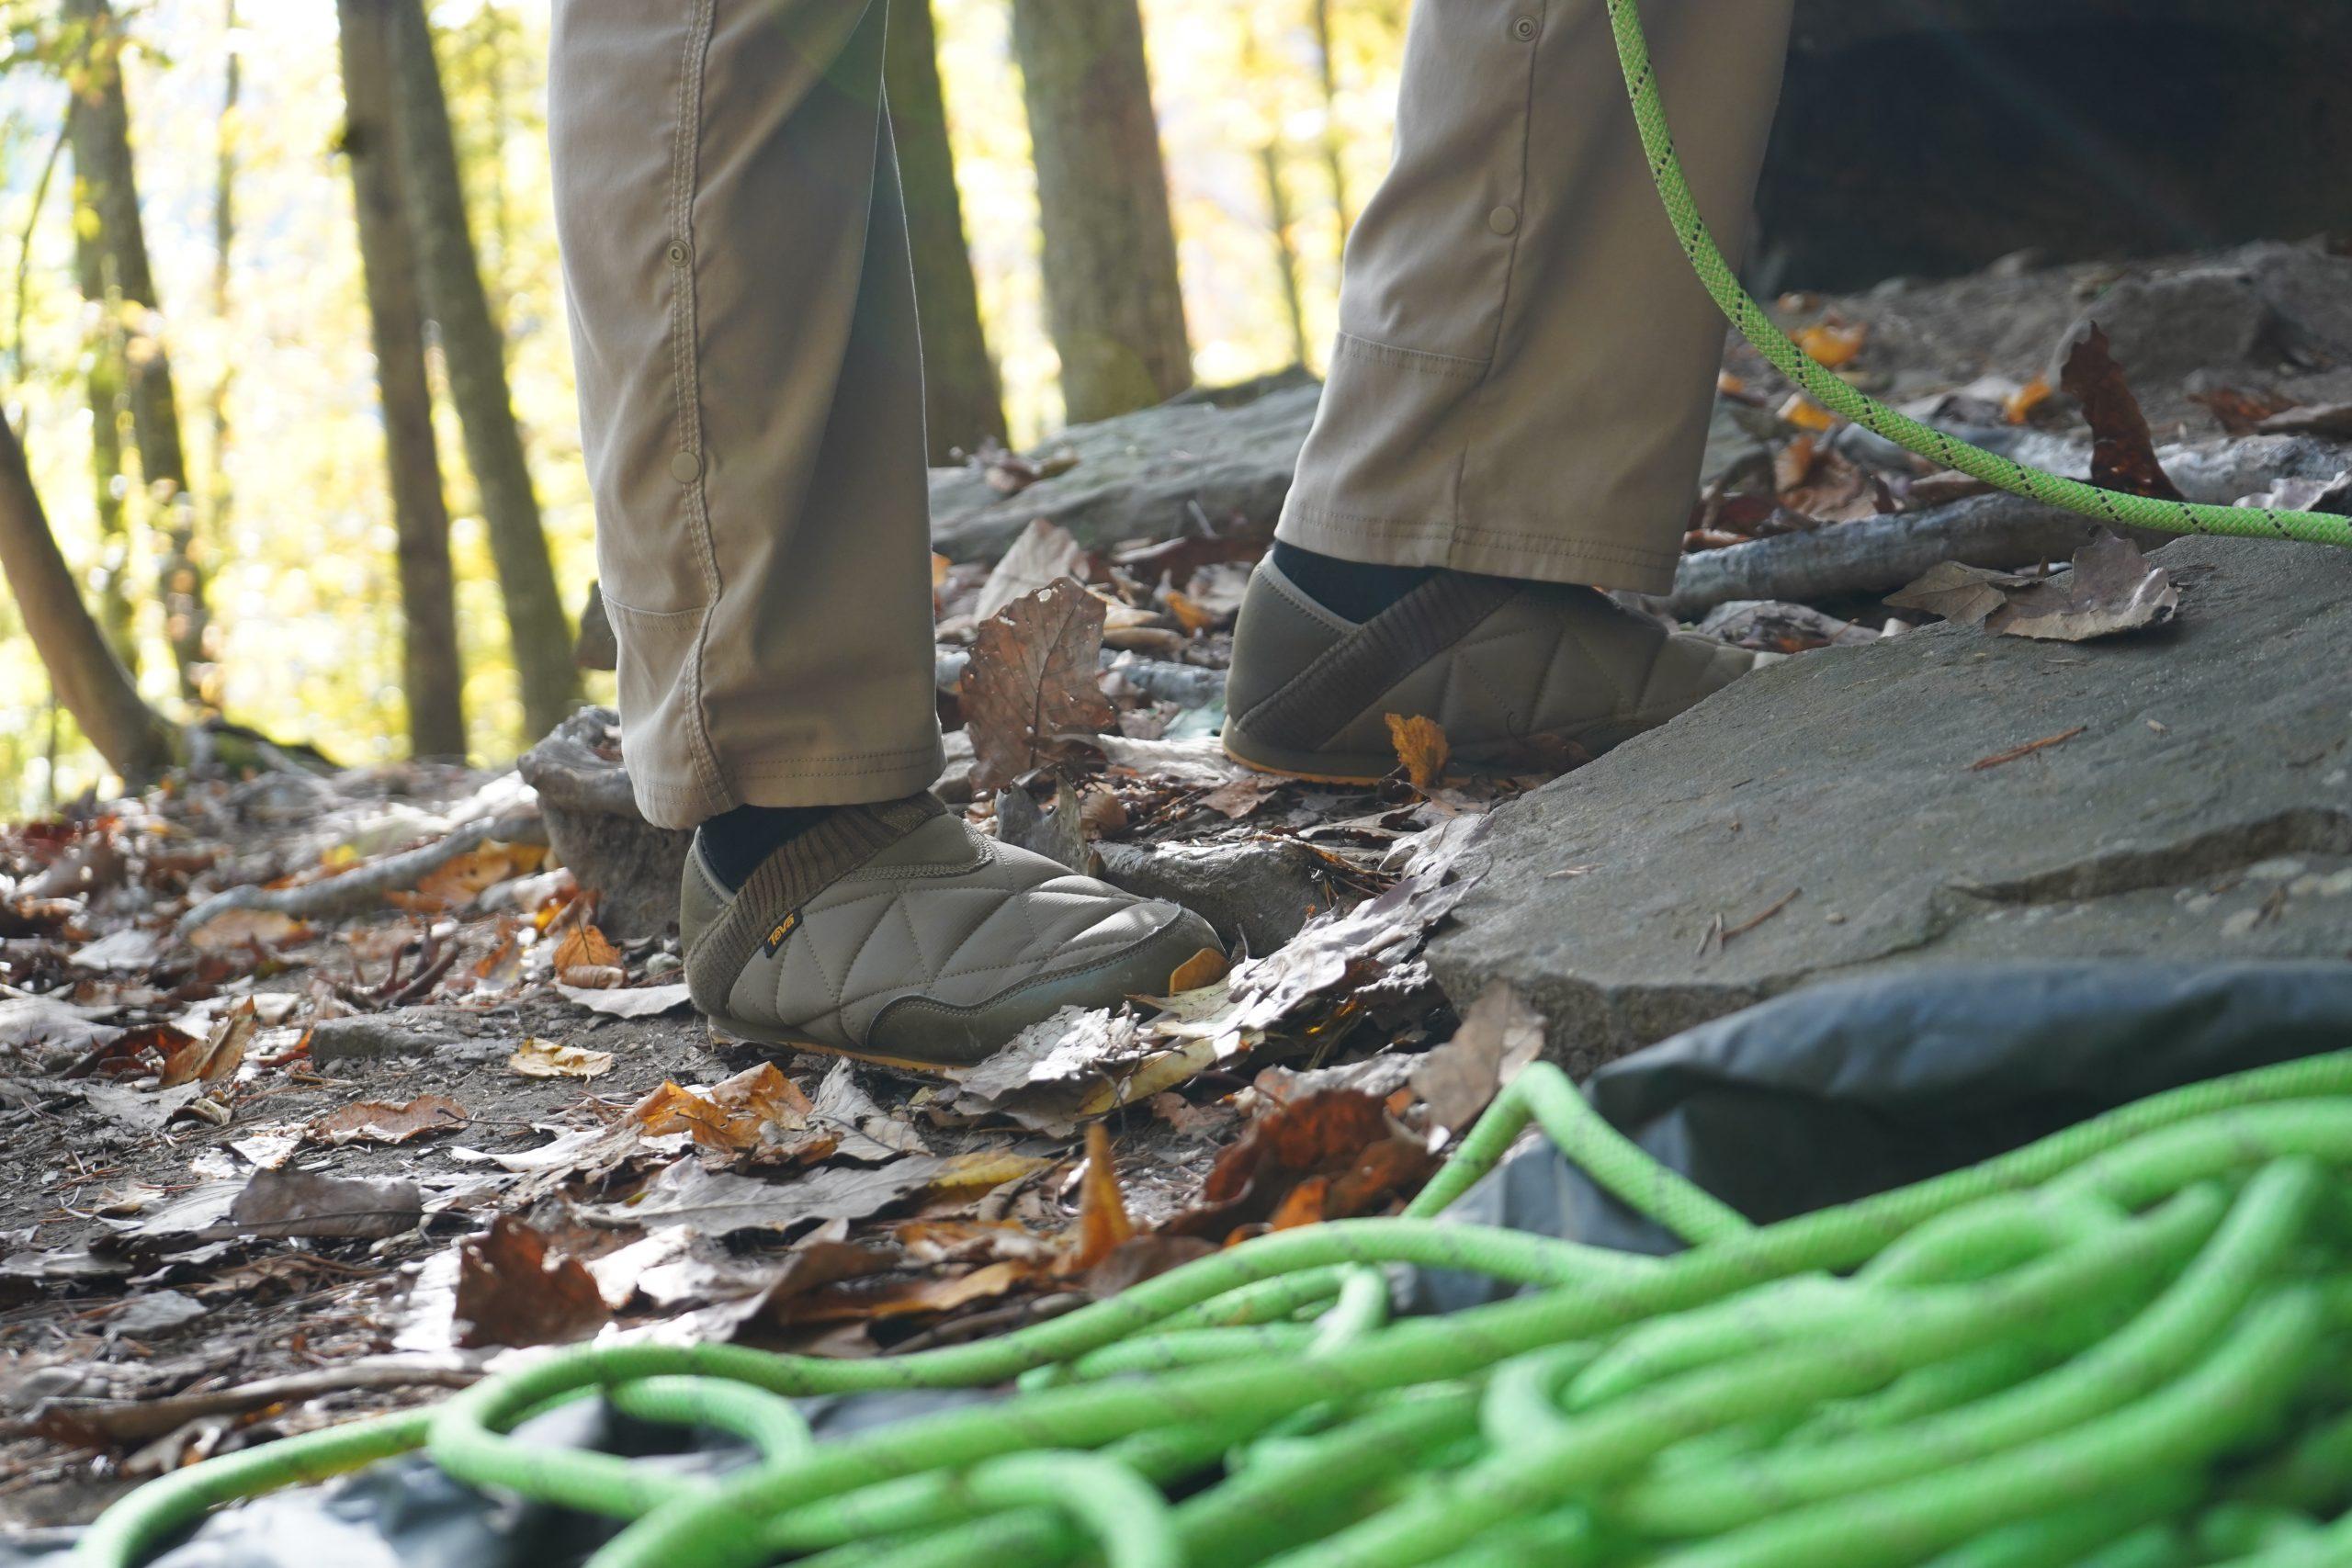 Teva Ember Moc Slippers in West Virginia